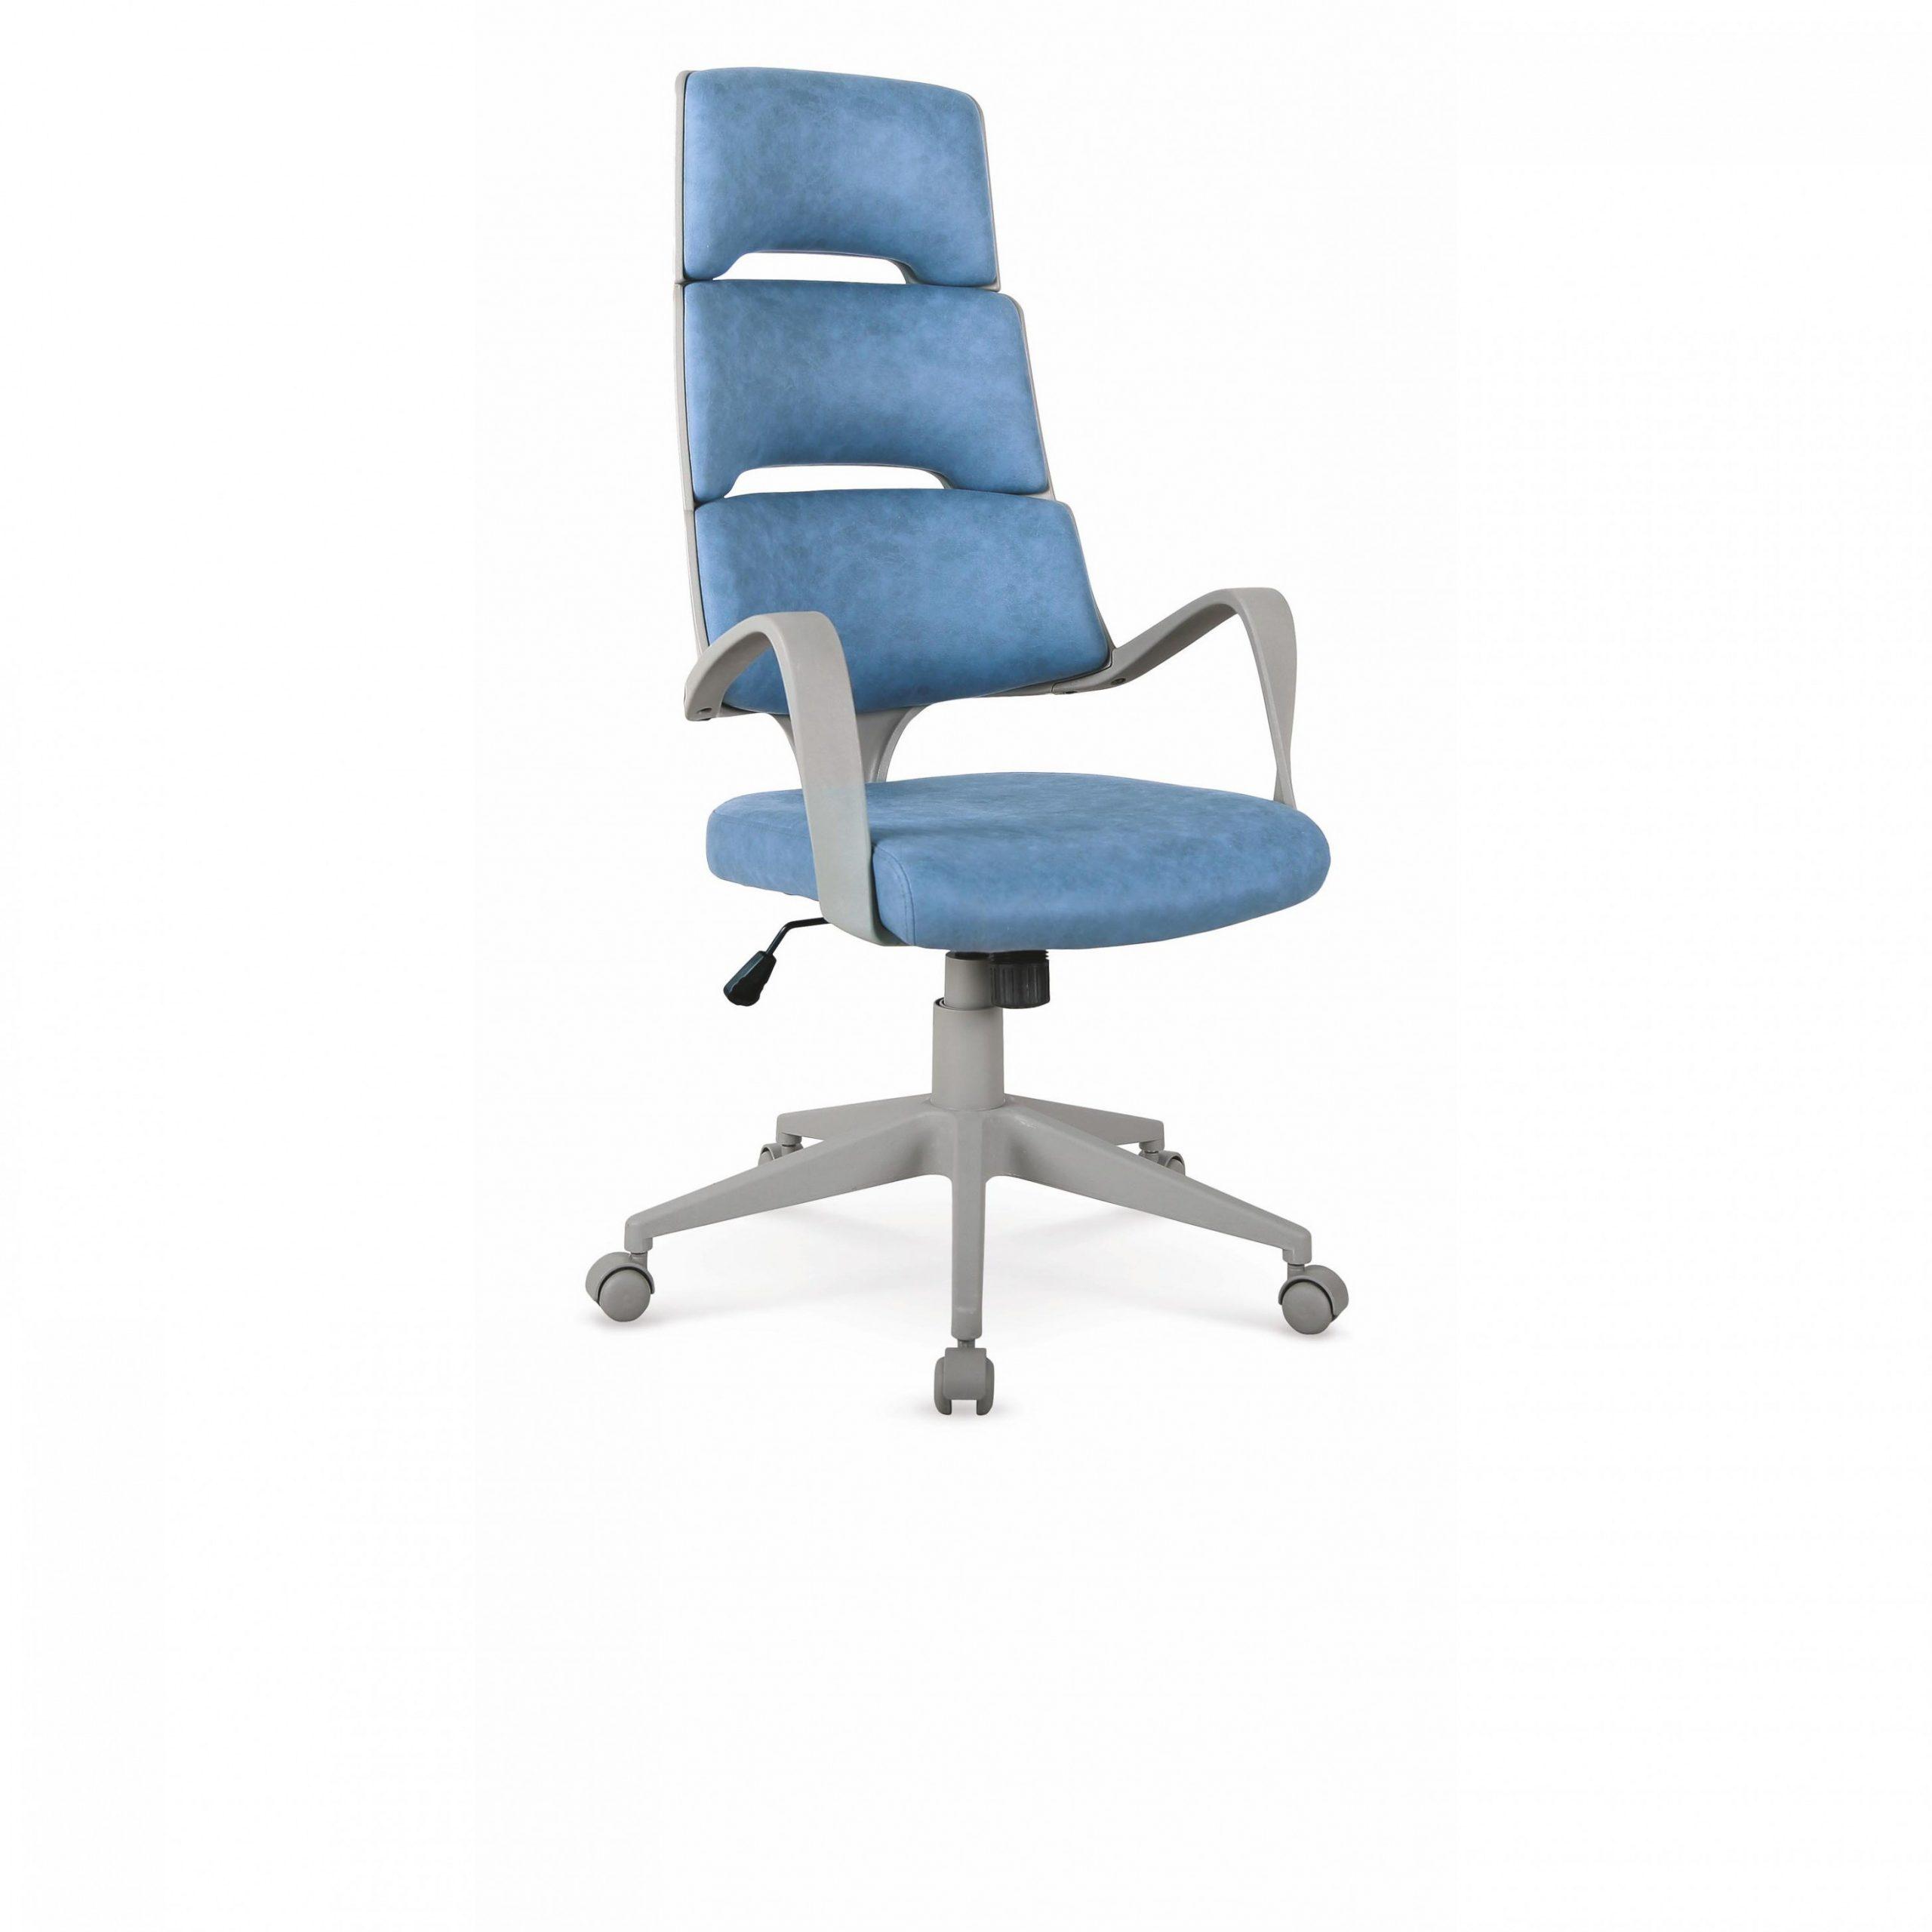 Nejnovejší obrázek inspirace z Kancelářská židle